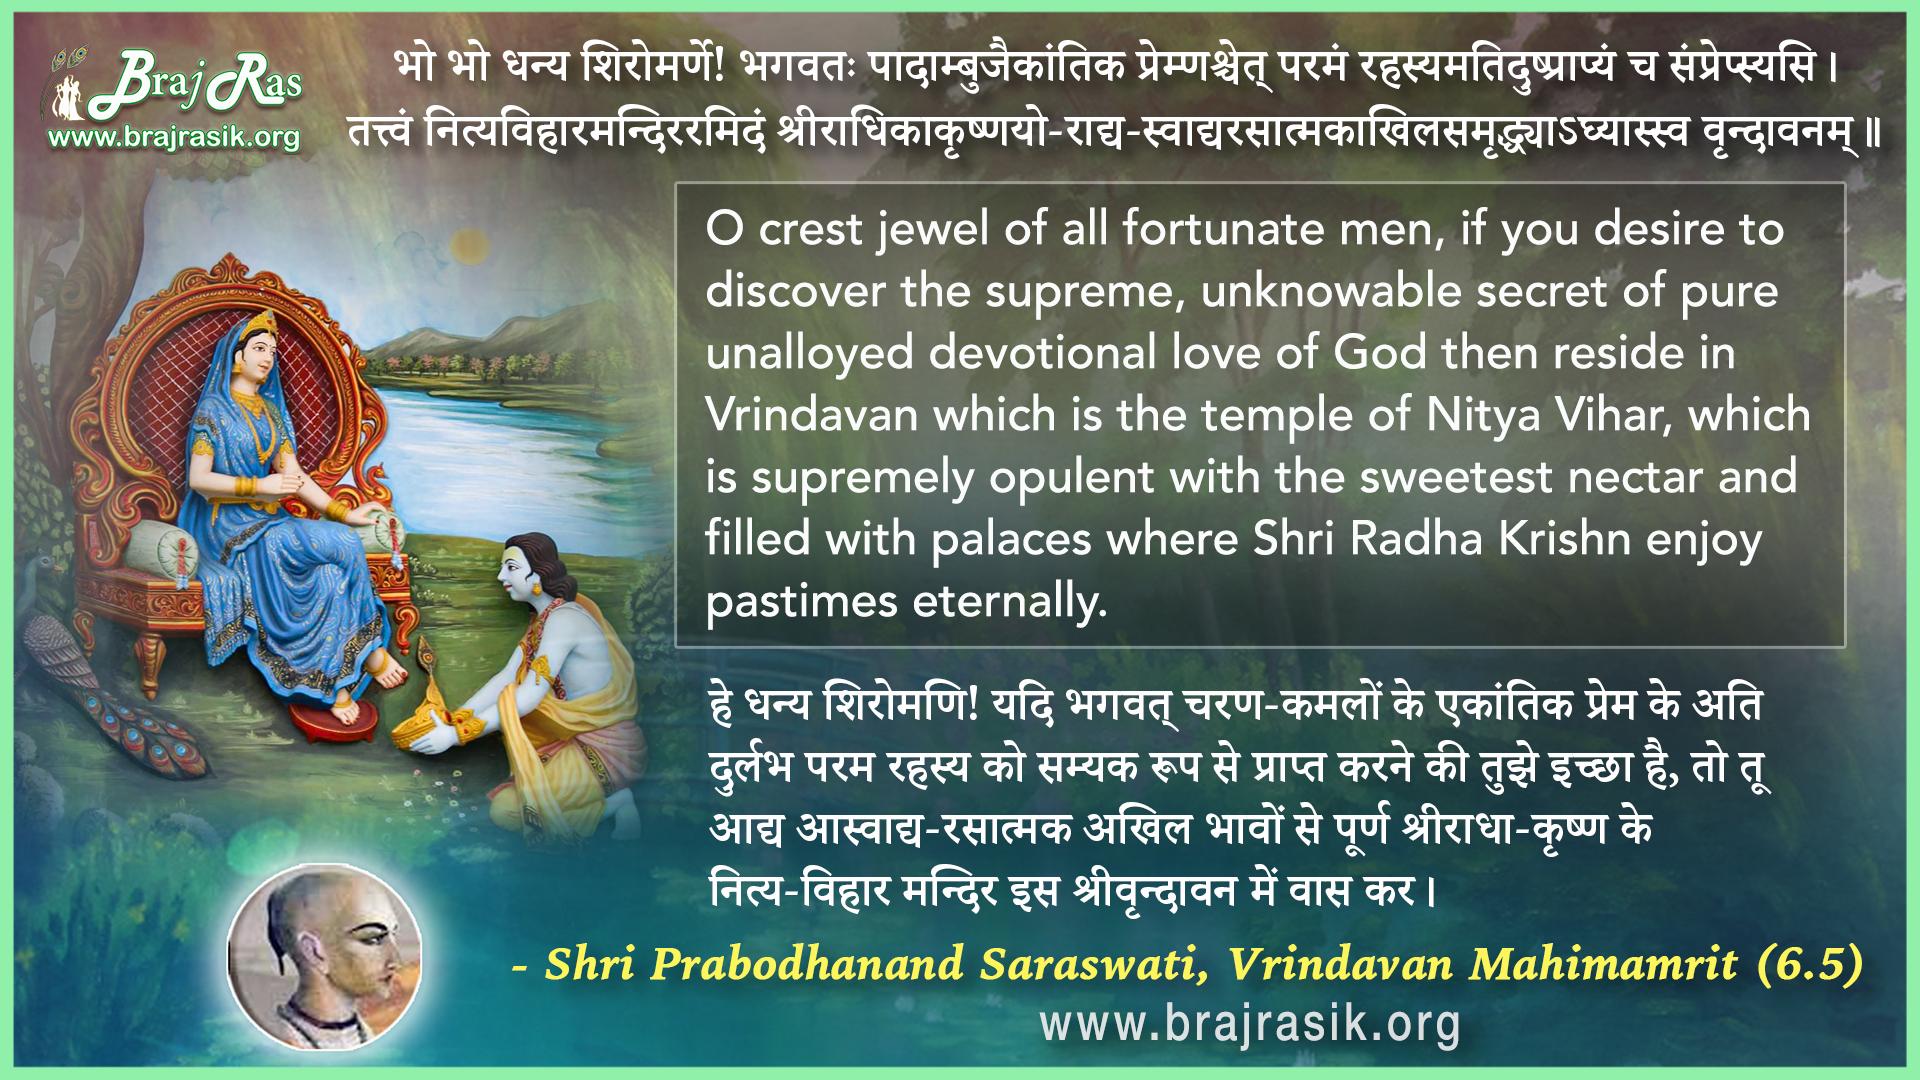 Bho Bho Dhanya Shiromarne! Bhagavatah - Shri Prabodhanand Saraswati, Vrindavan Mahimamrit (6.5)